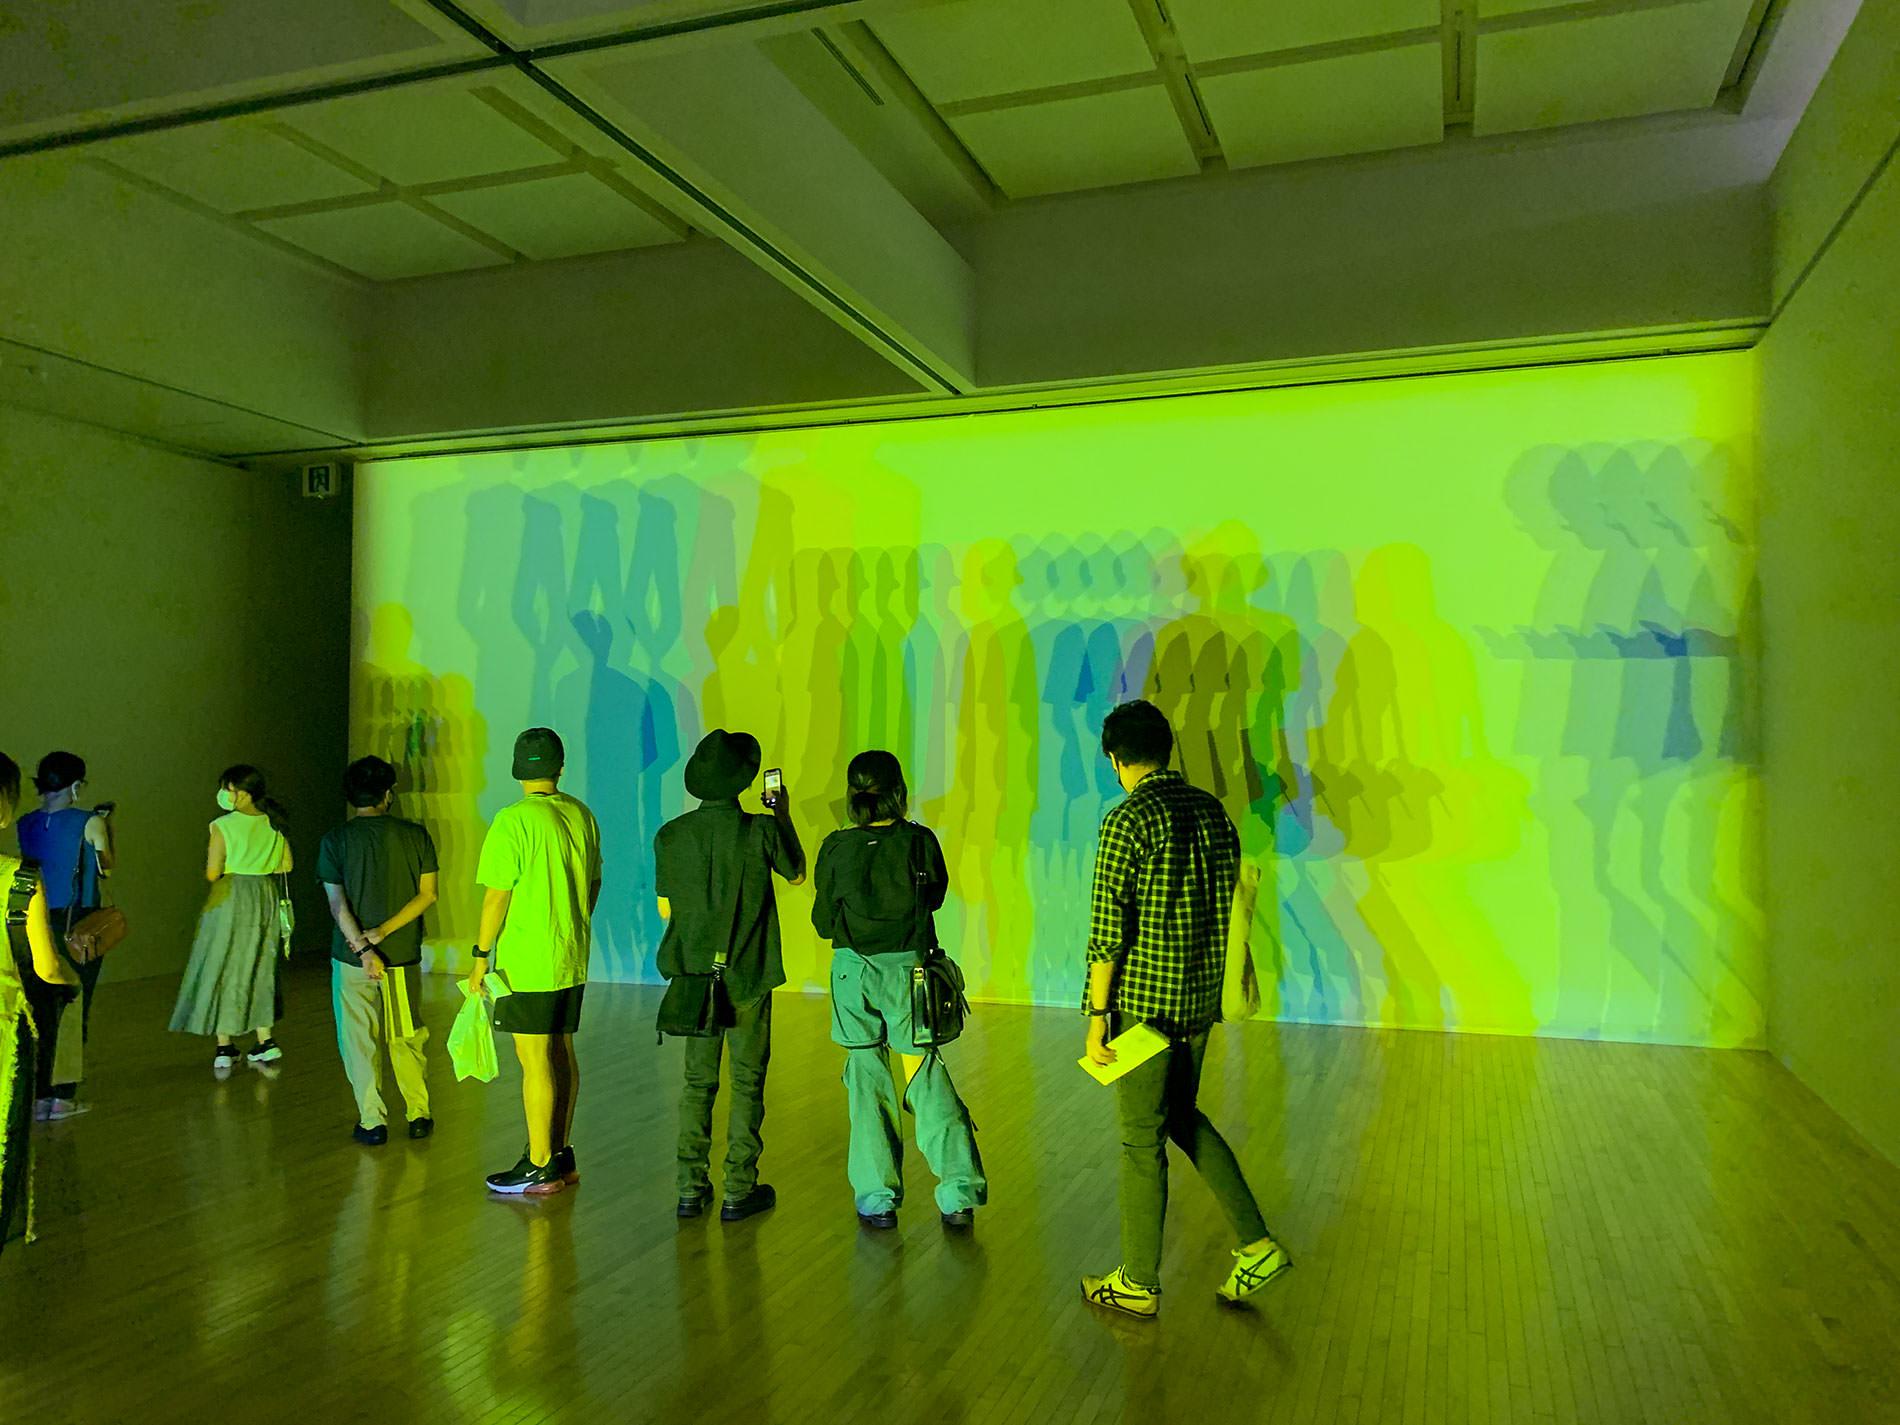 オラファー・エリアソン 「ときに川は橋となる」展 | あなたに今起きていること、起きたこと、これから起きること |東京都現代美術館 / Olafur Eliasson | Your happening, has happed, will happen | MUSEUM OF CONTEMPORARY ART TOKYO 2020